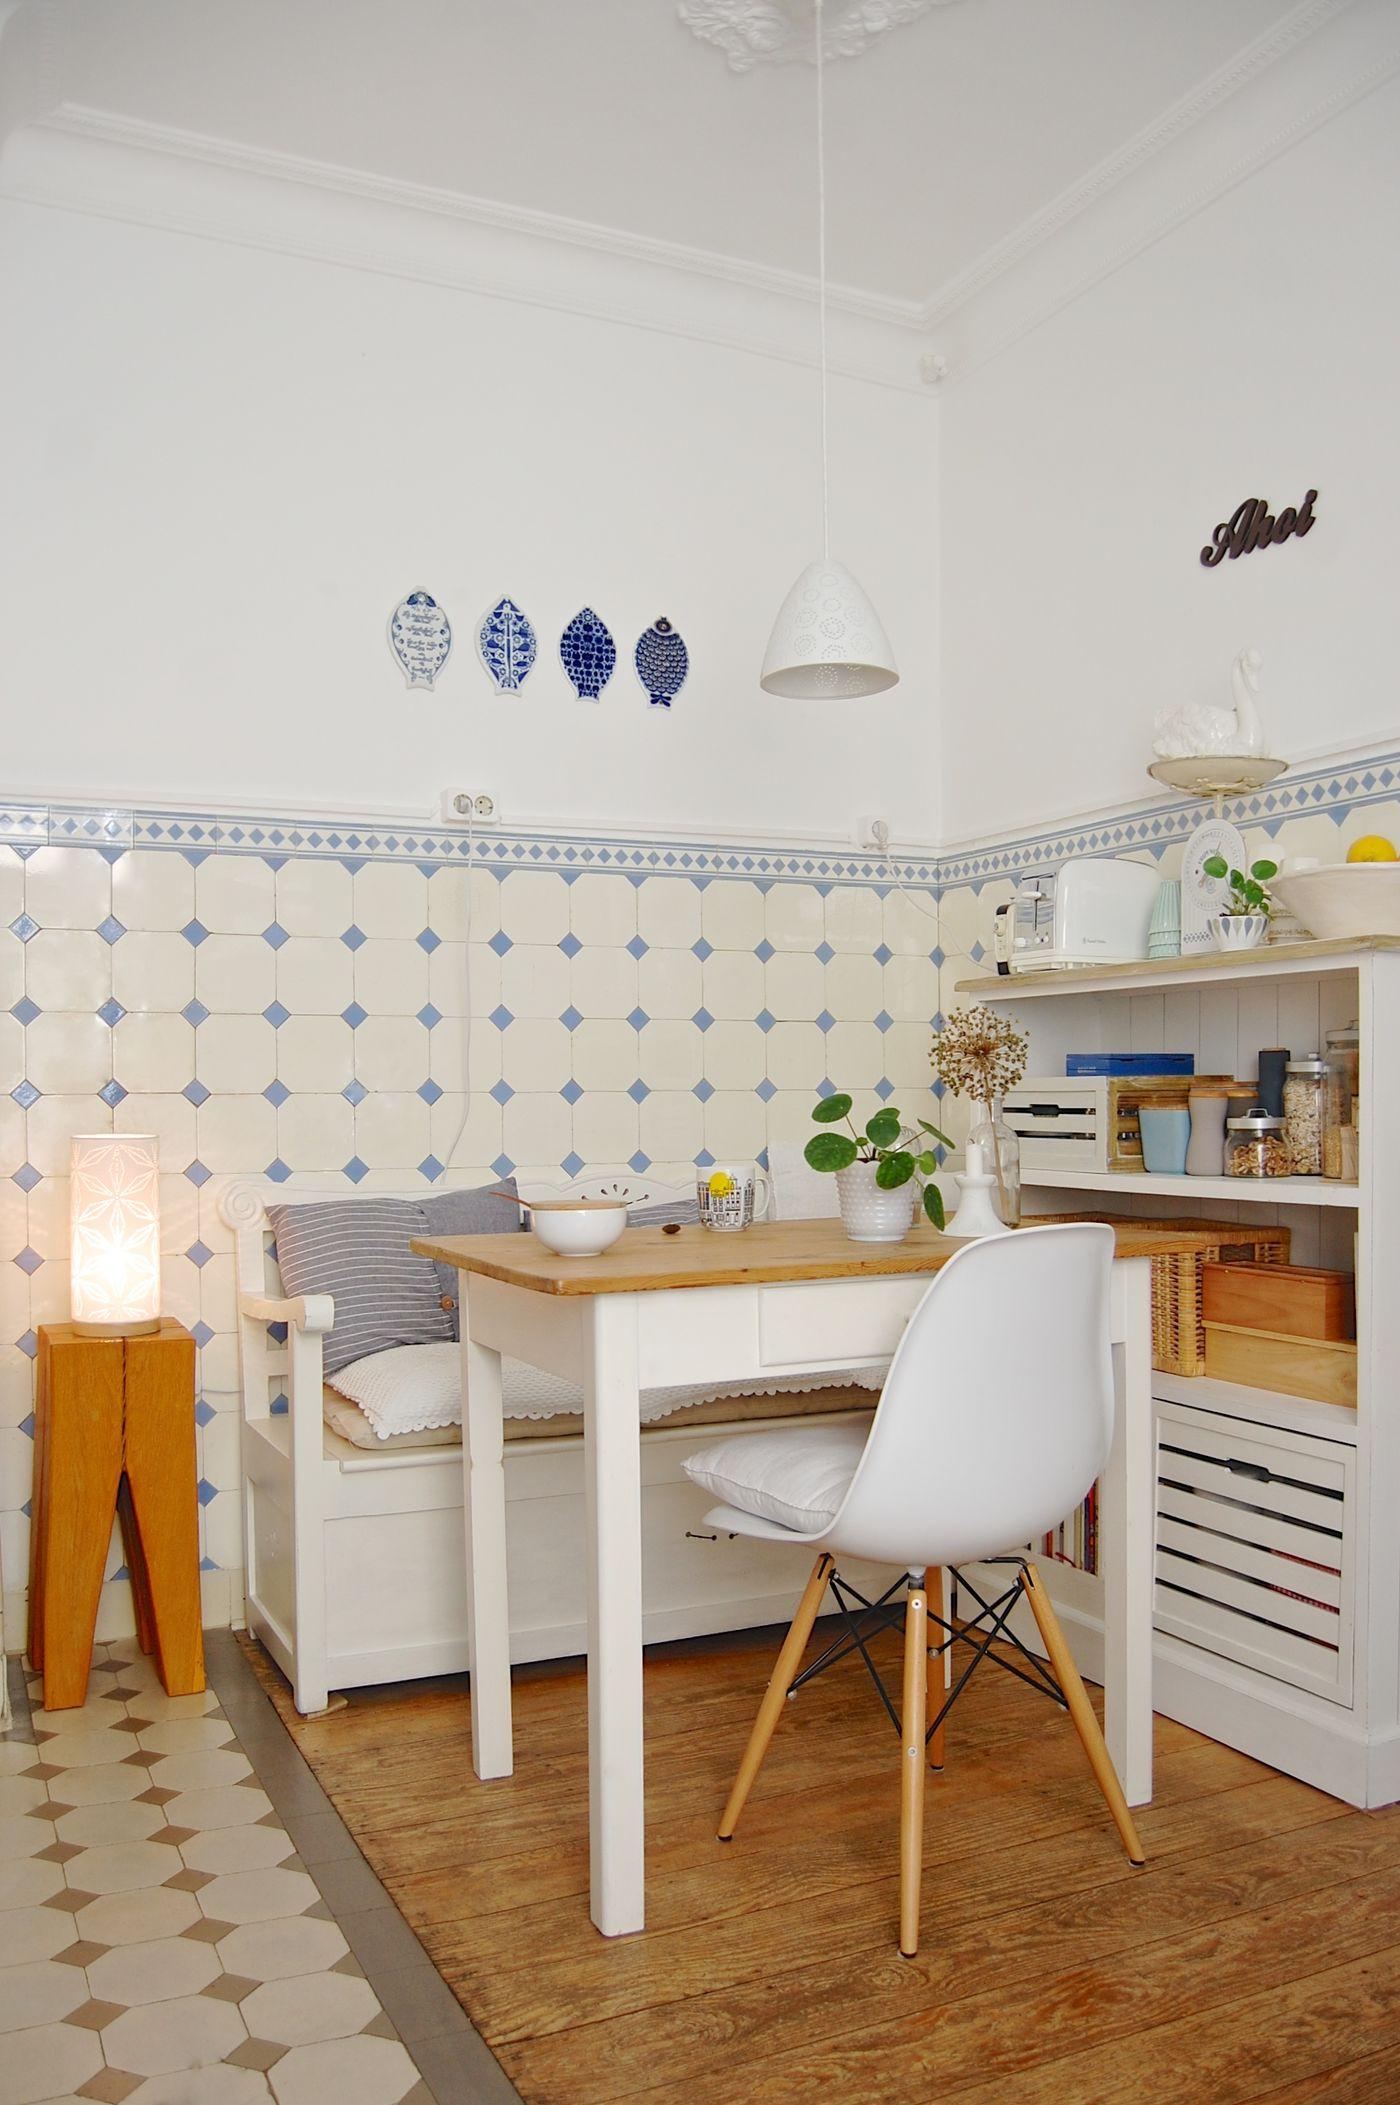 Farbgestaltung esszimmer farbgestaltung schlafzimmer grau - Farbgestaltung esszimmer ...